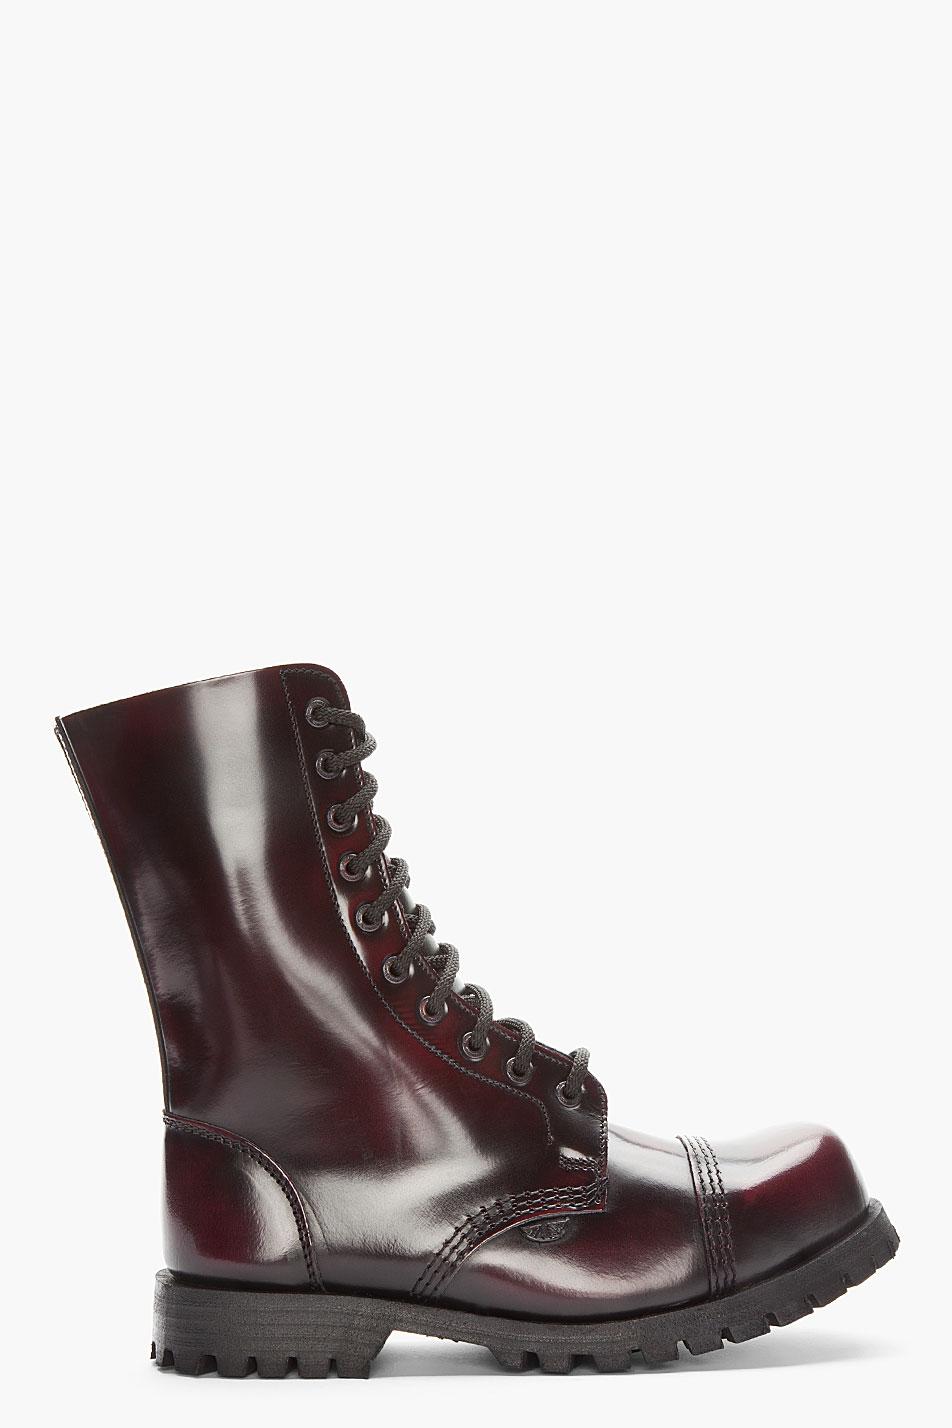 Lyst Underground Burgundy Wulfrun 10eye Steel Toe Boot